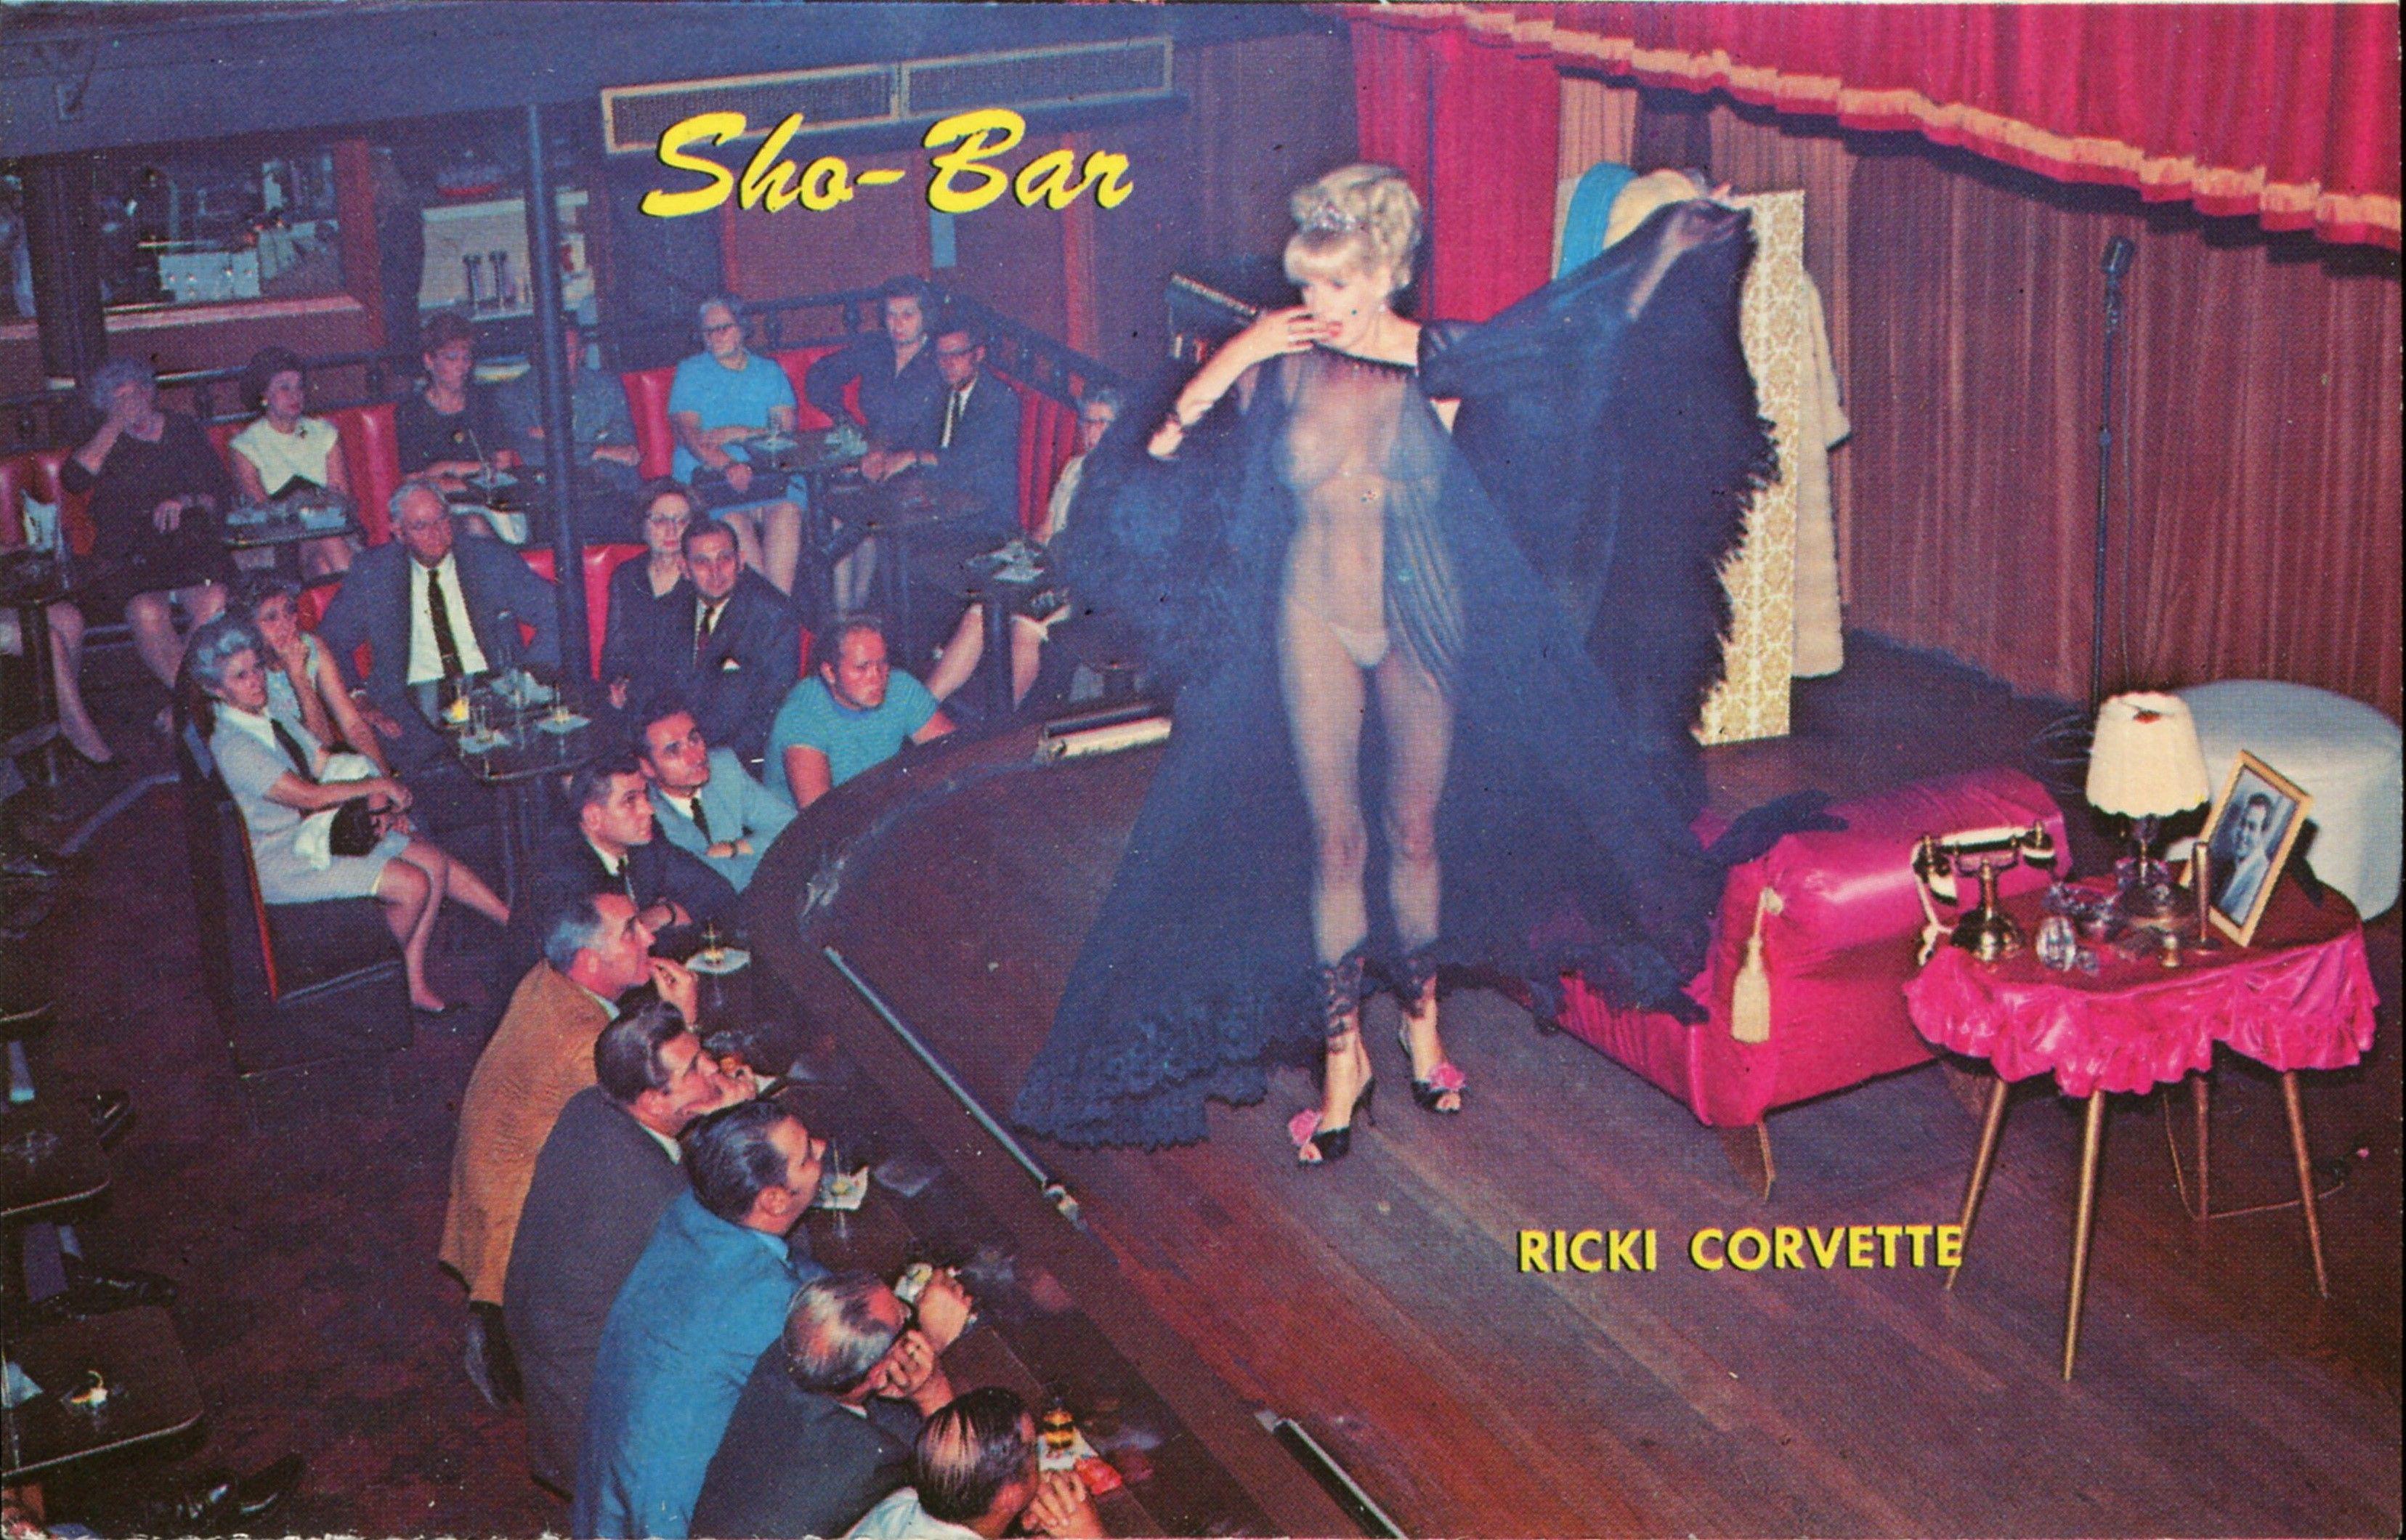 Ricki Corvette, World\'s Tallest Exotic Dancer, at the Sho-Bar, New ...